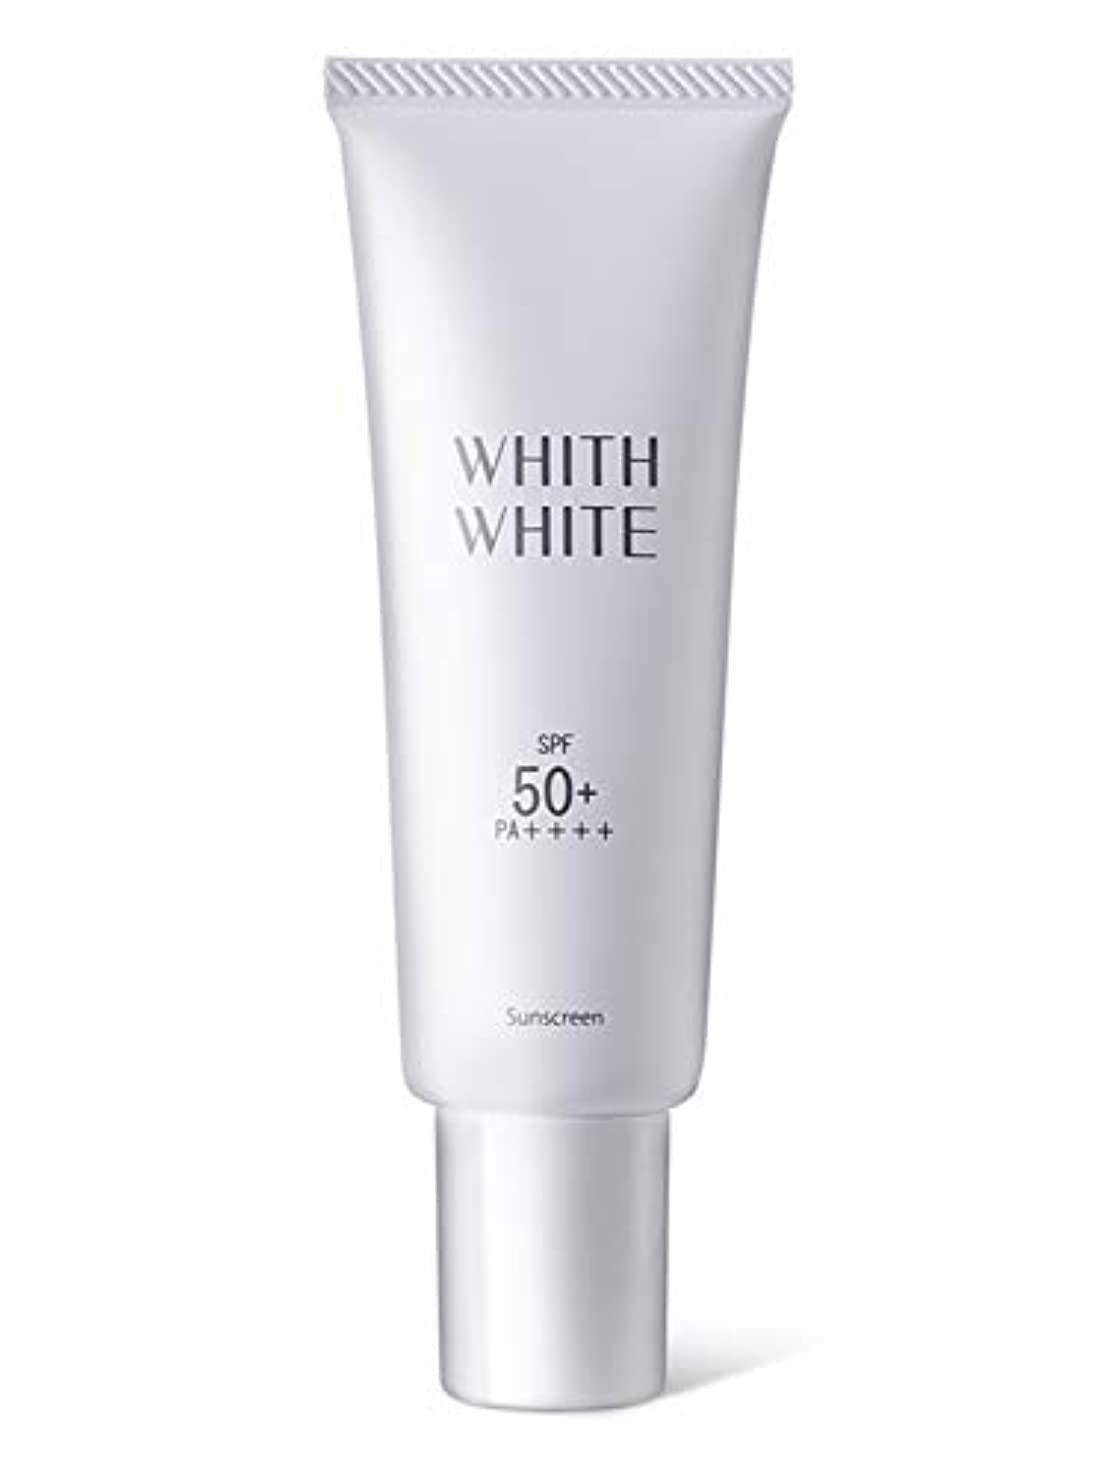 宣言忠実なに話す【UVケア SPF50 + PA ++++ 】 フィス ホワイト 日焼け止め クリーム 「 コラーゲン ヒアルロン酸 配合」50g